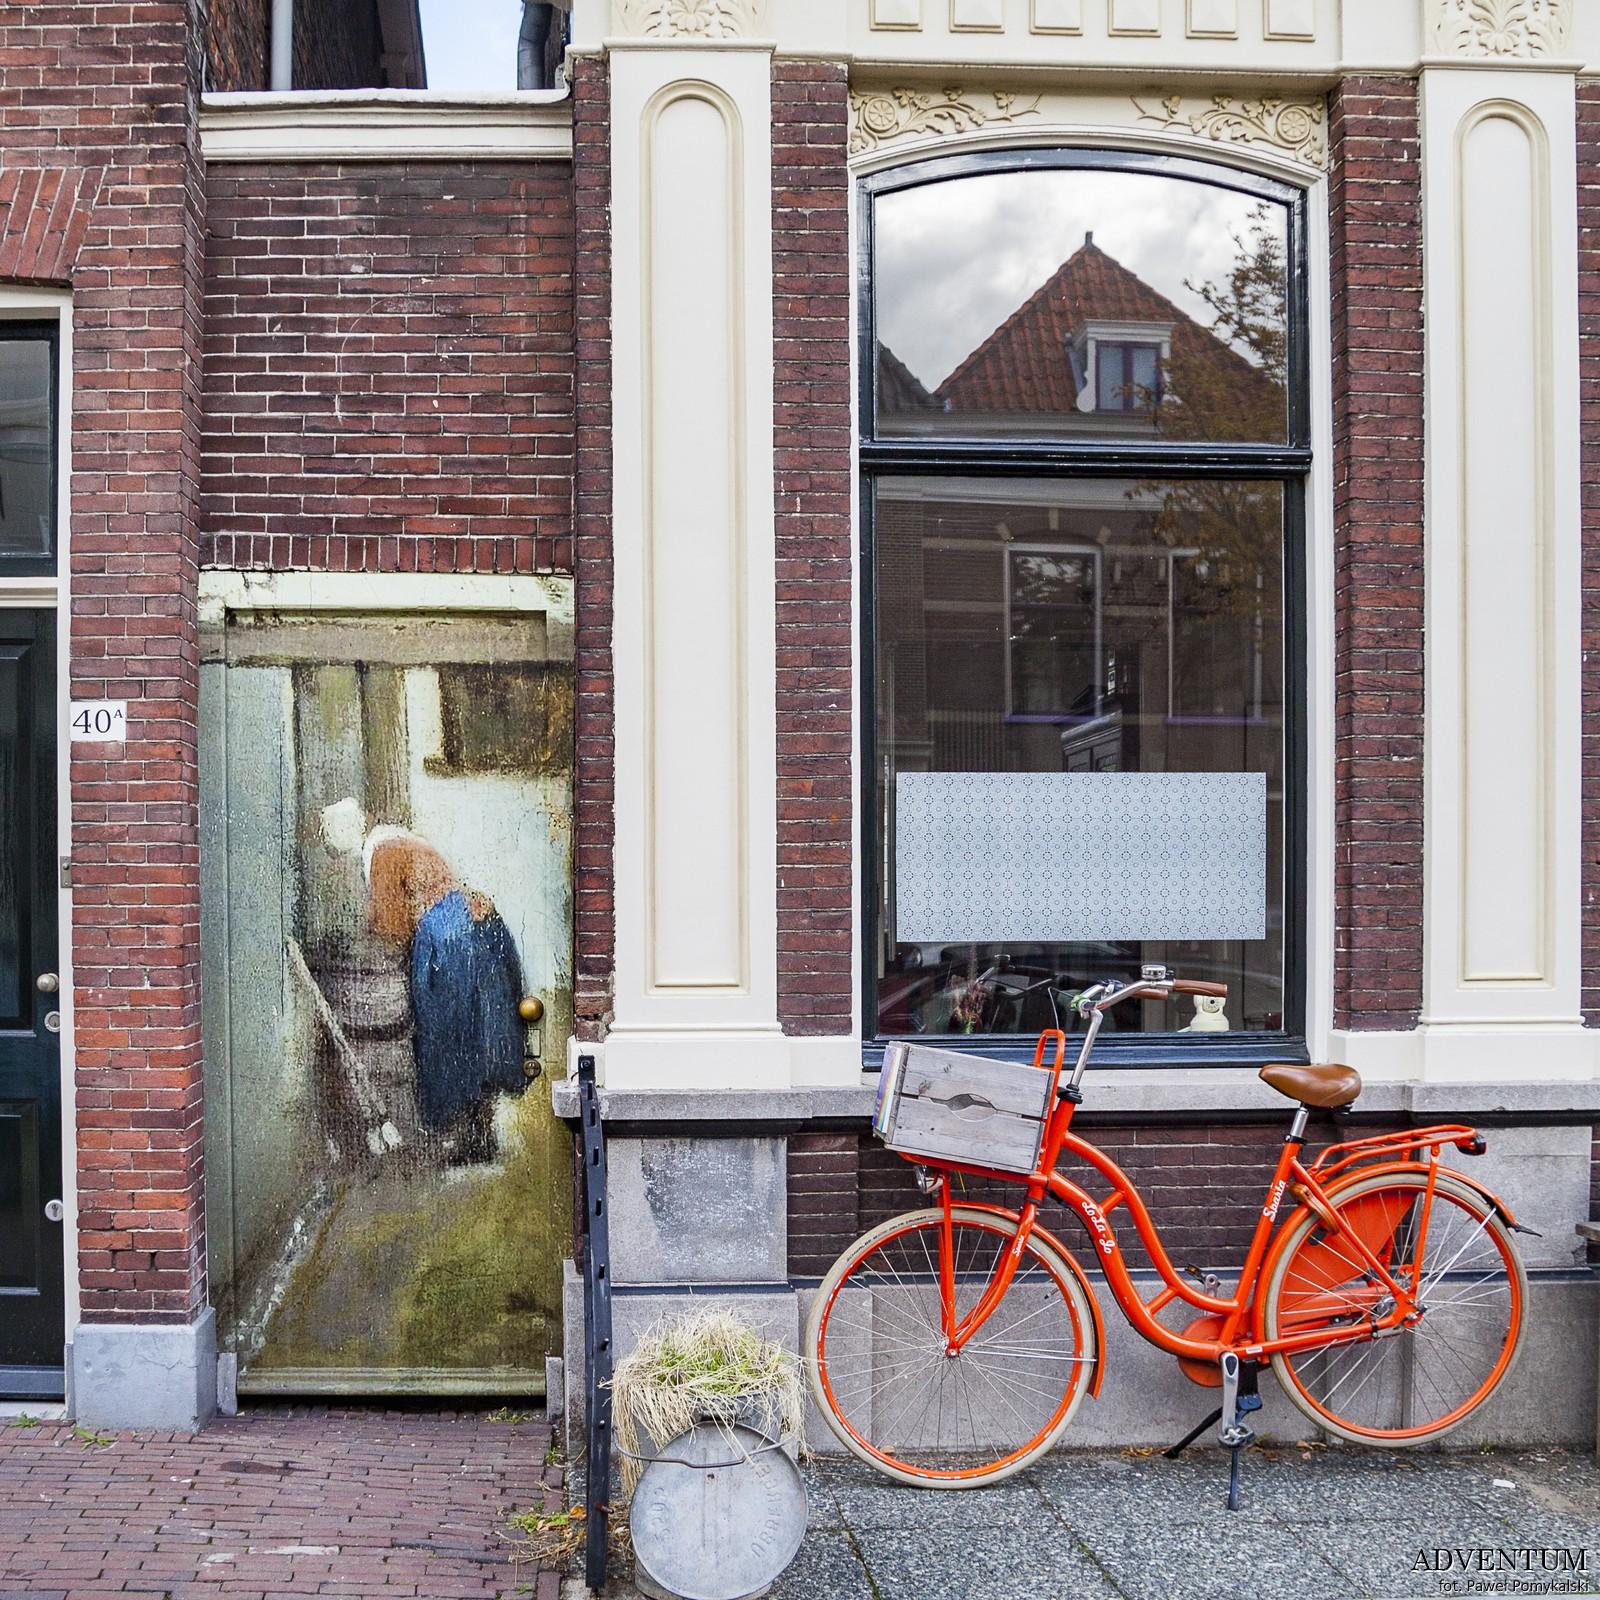 Holandia Delft Atrakcje Zwiedzanie co Zobaczyć Amsterdam Rotterdam Haga Kanały Wiatraki